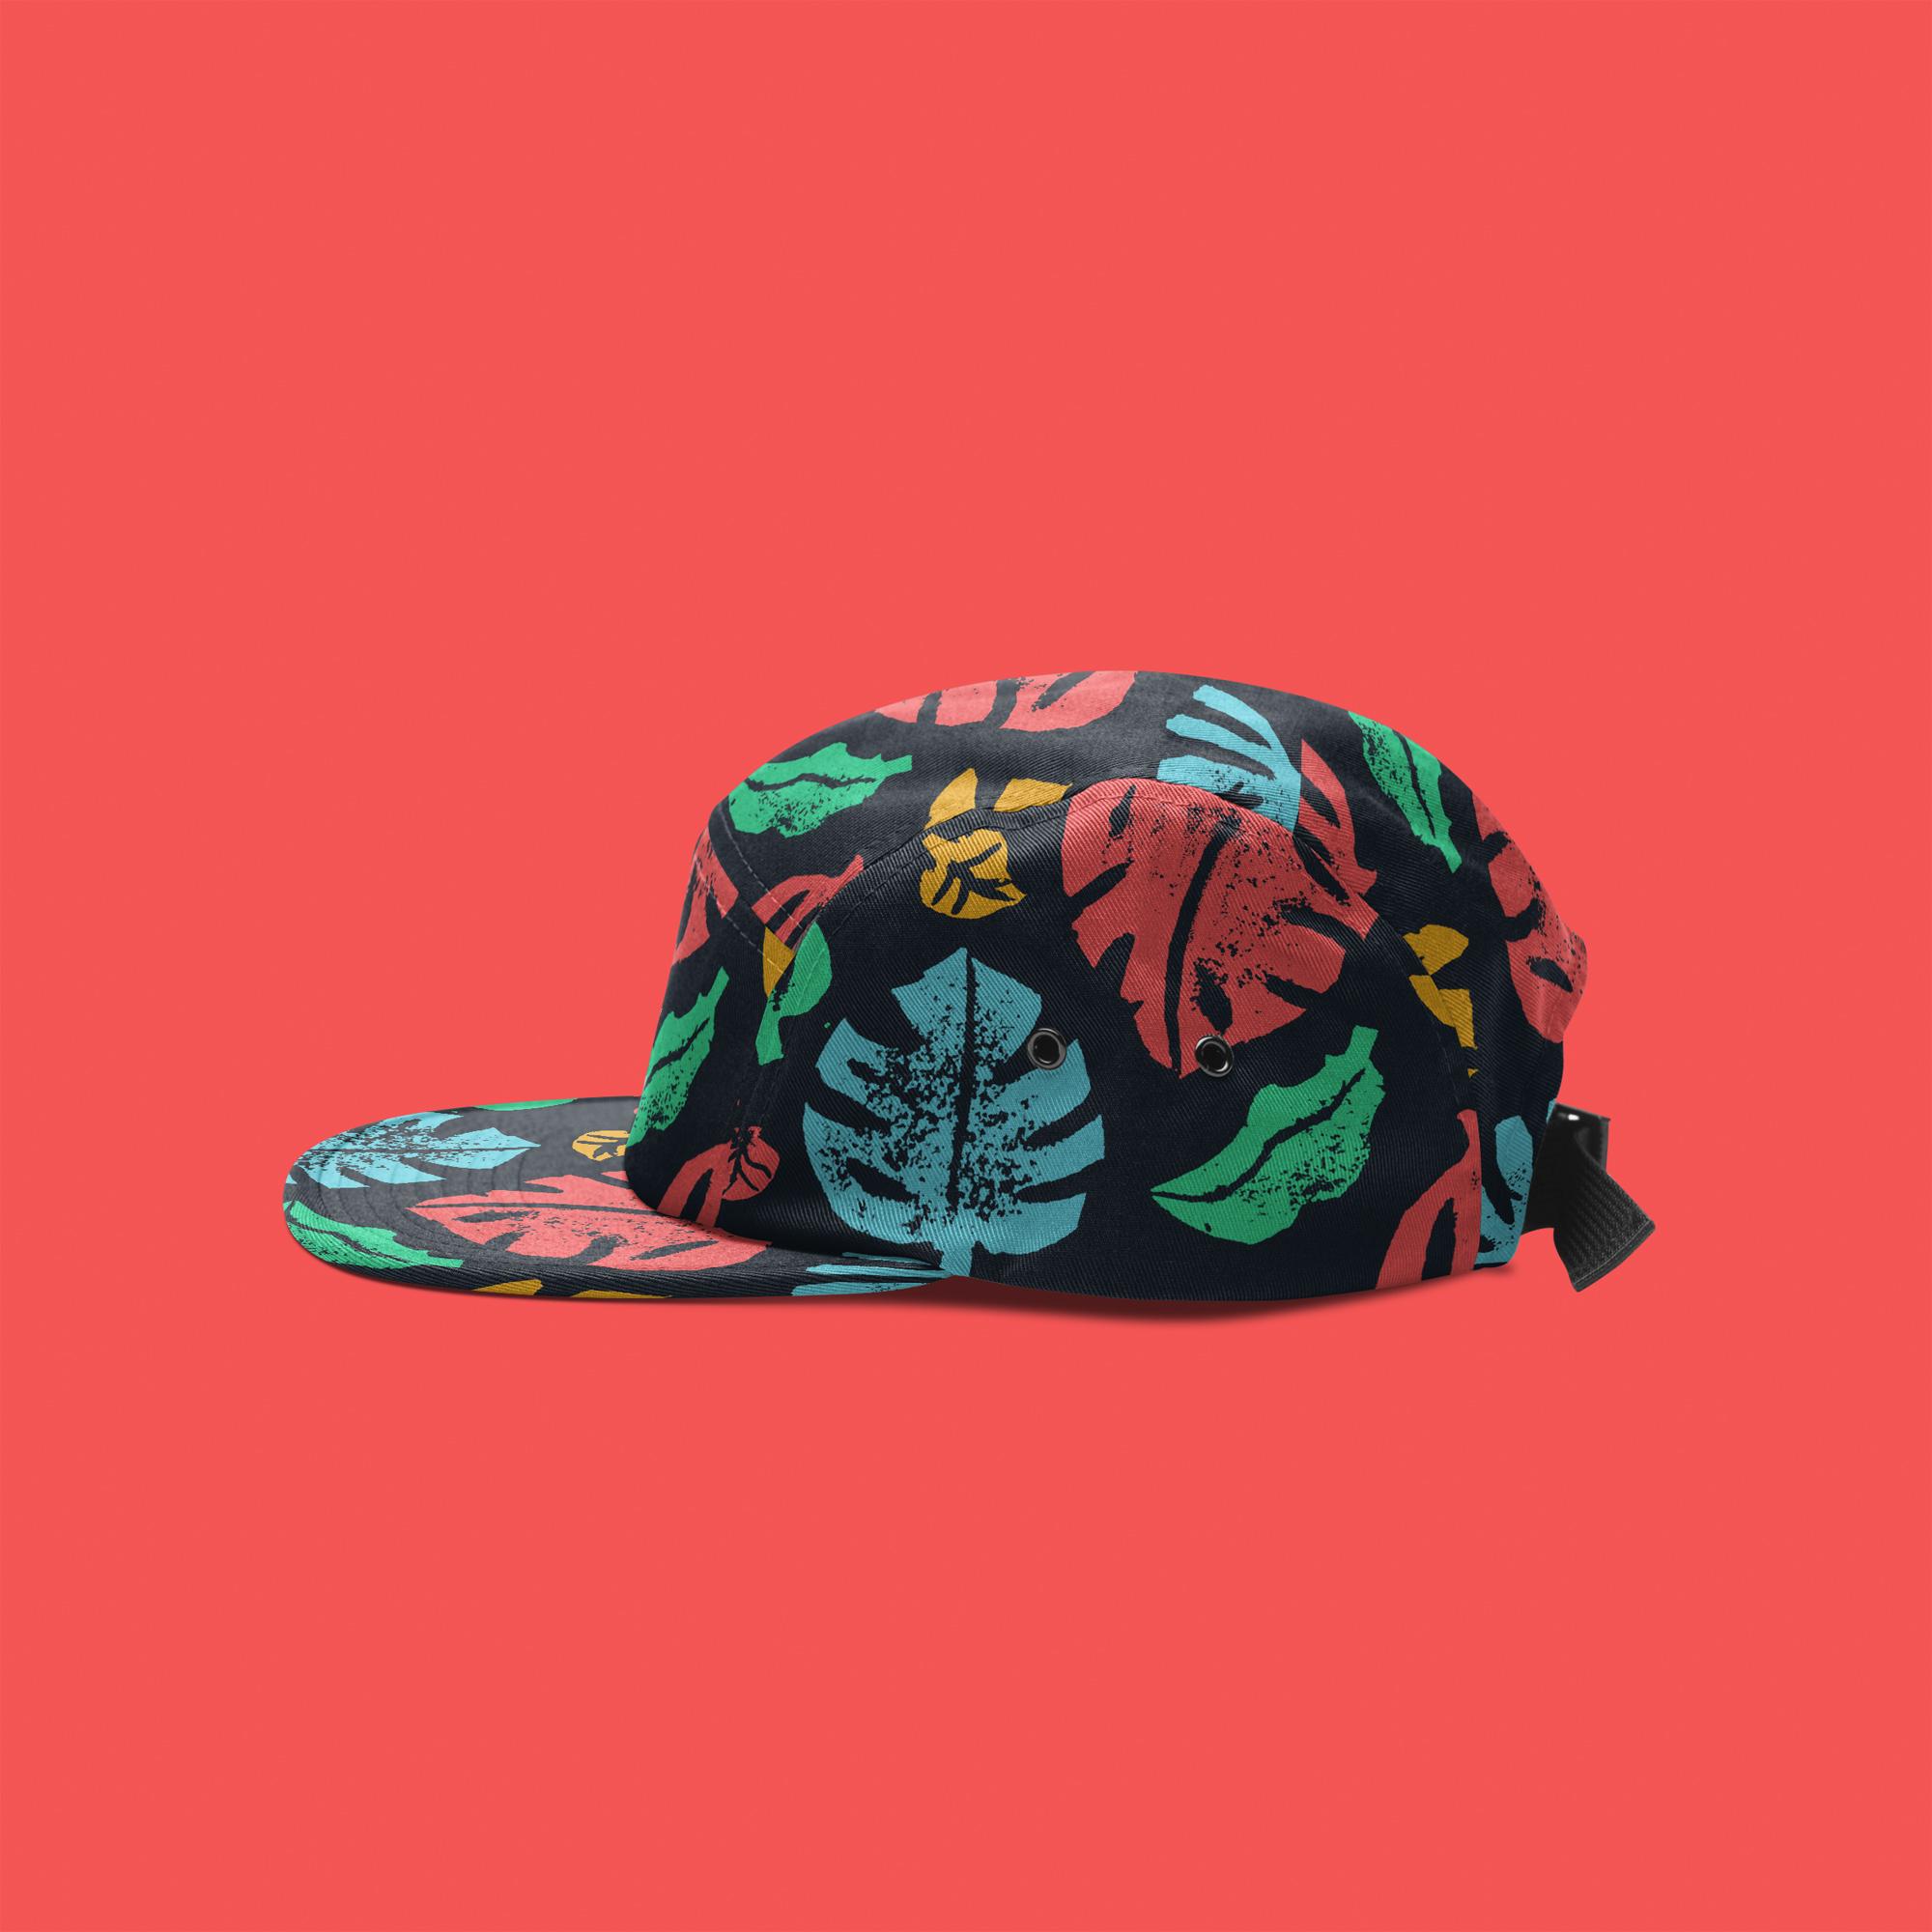 Hat-2-c.jpg